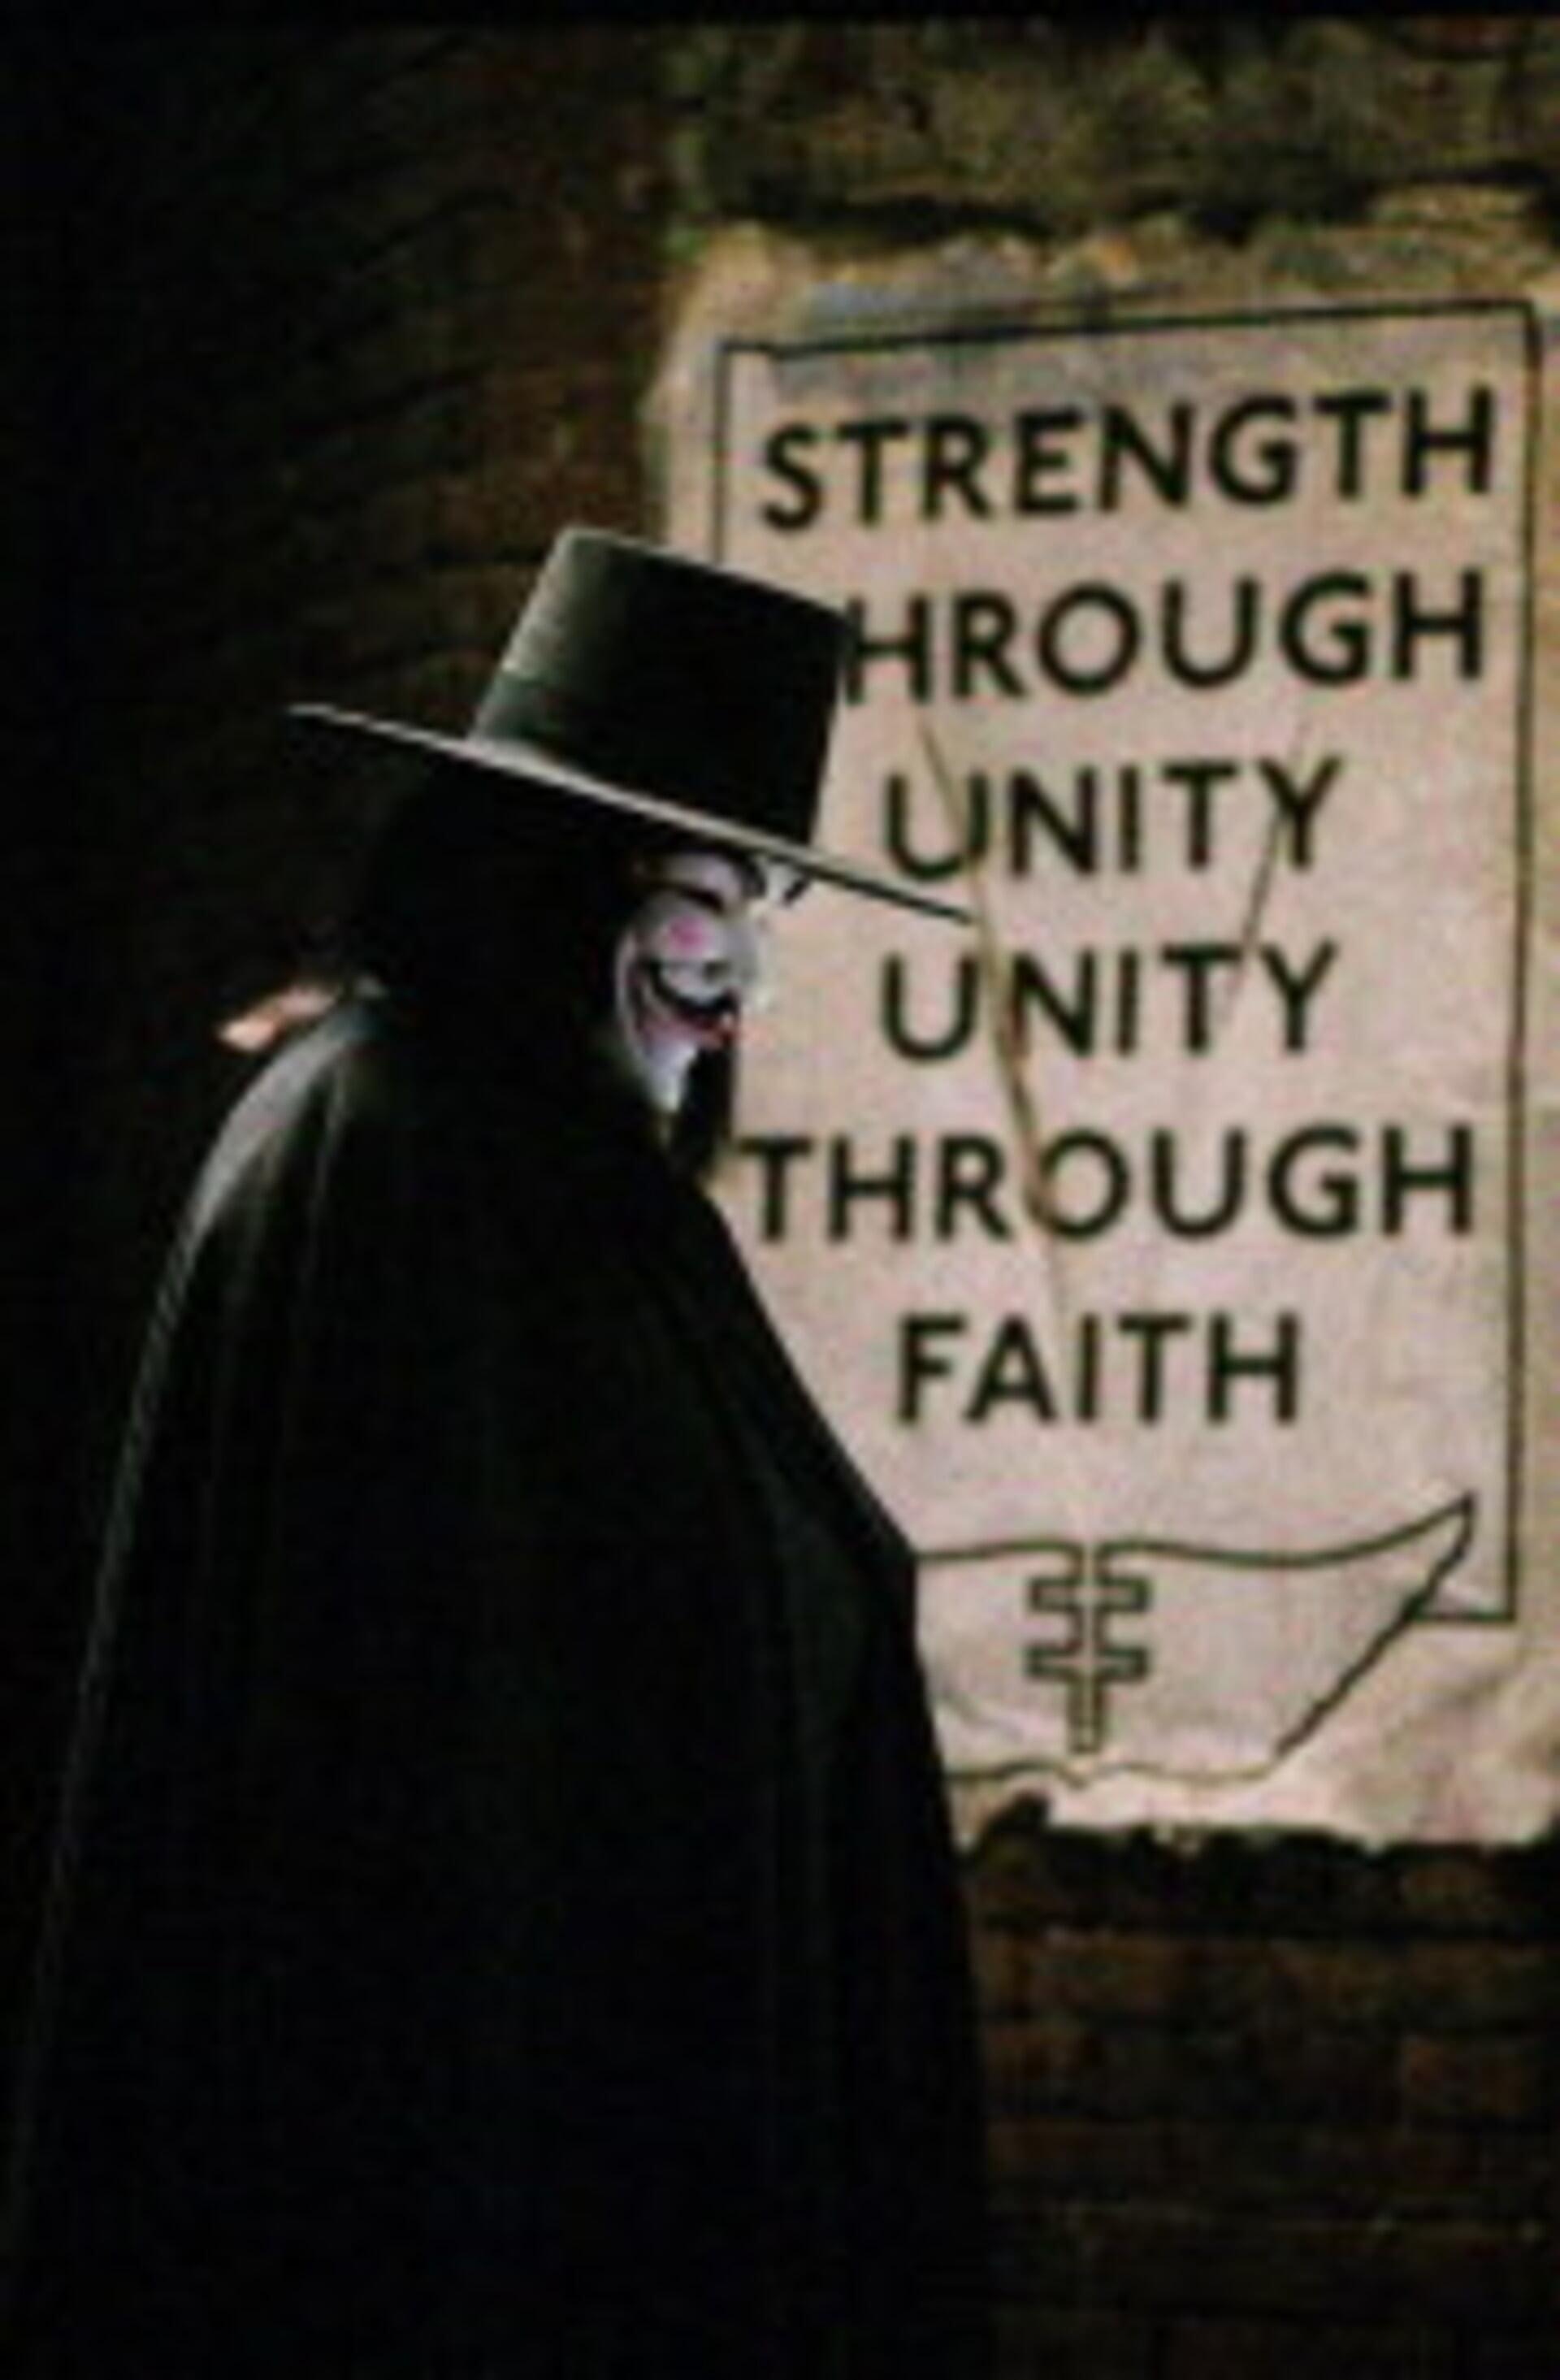 V for Vendetta - Image 37